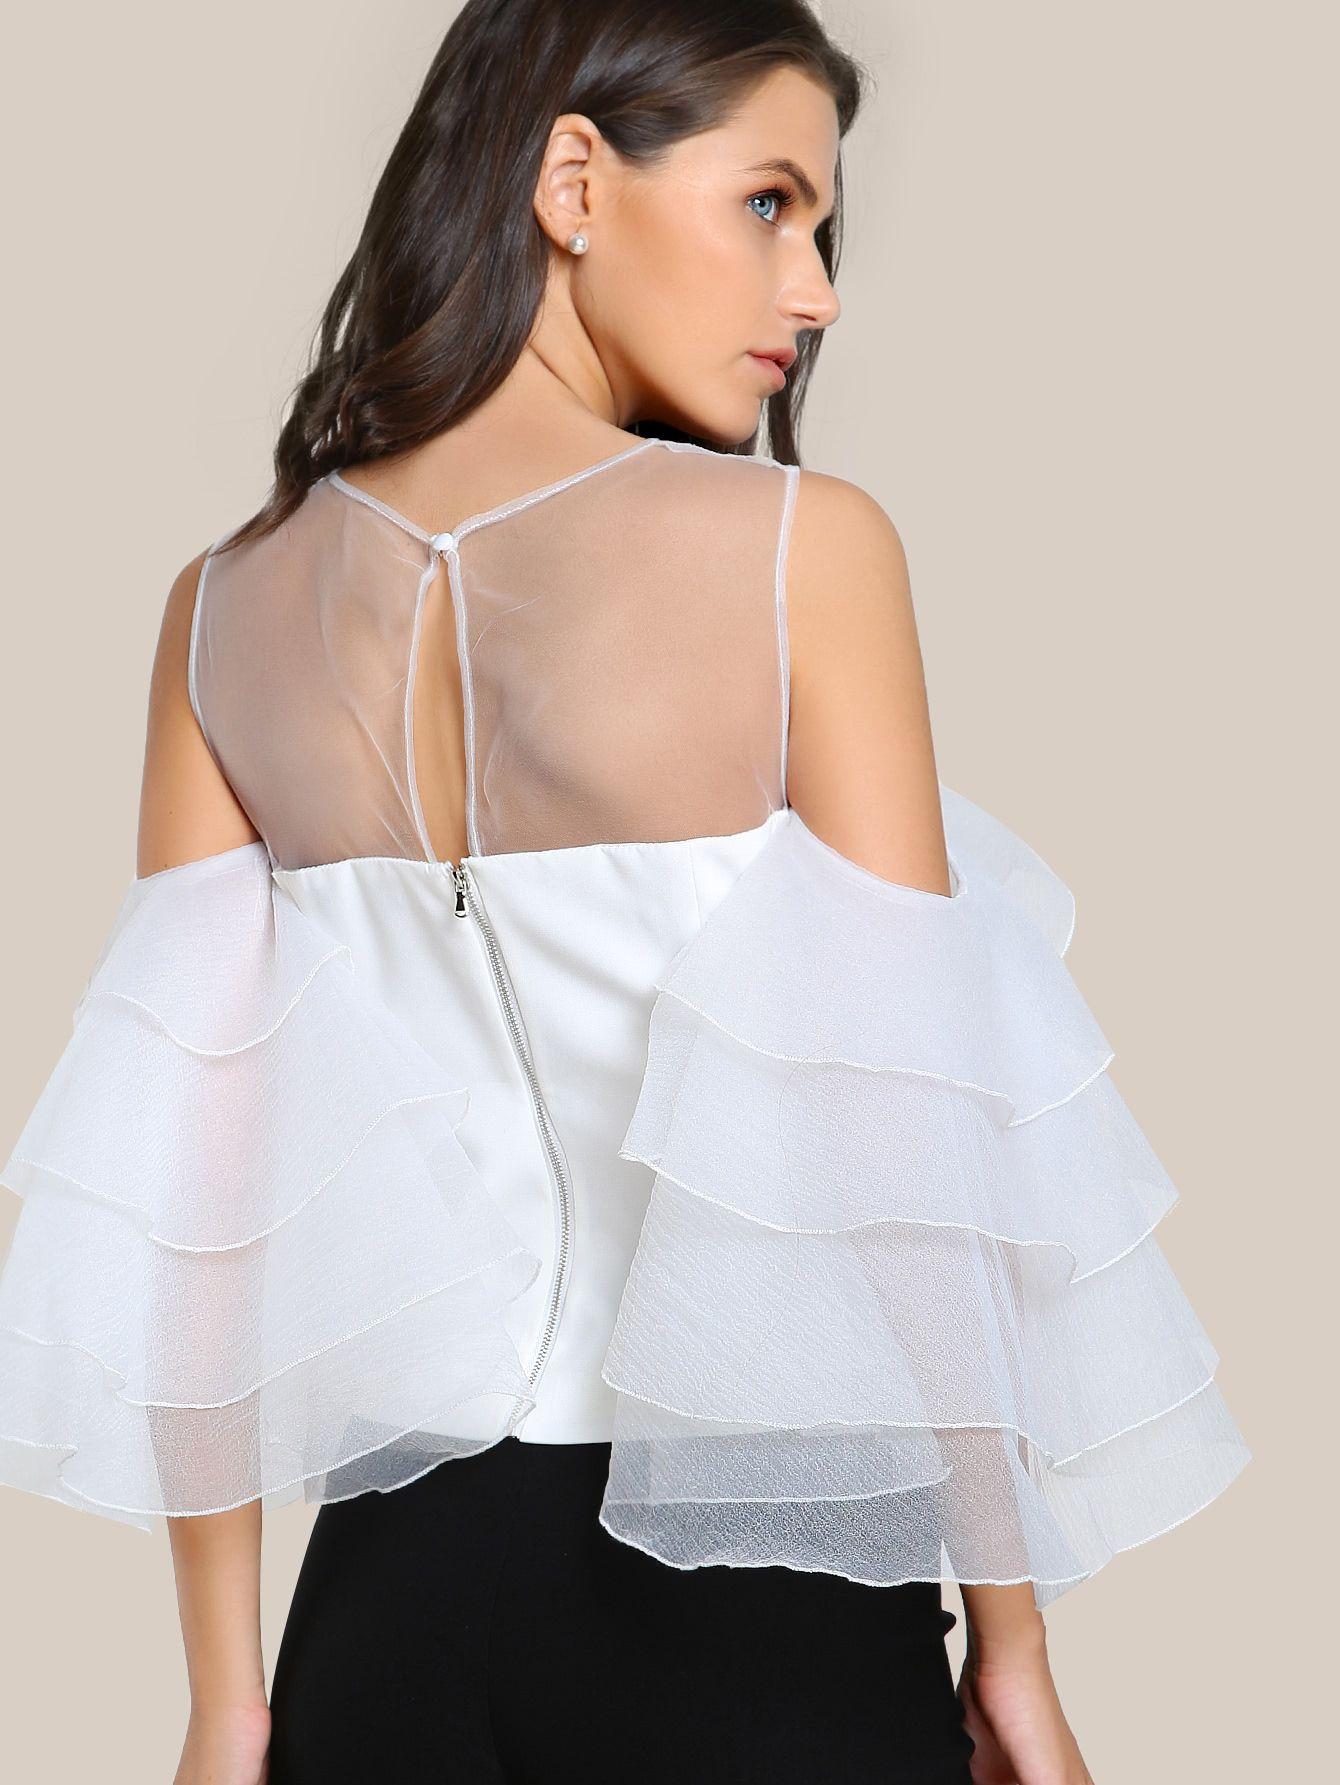 531c36784291 Mesh Cutout Layered Ruffle Sleeve Top -SheIn(Sheinside) | white ...